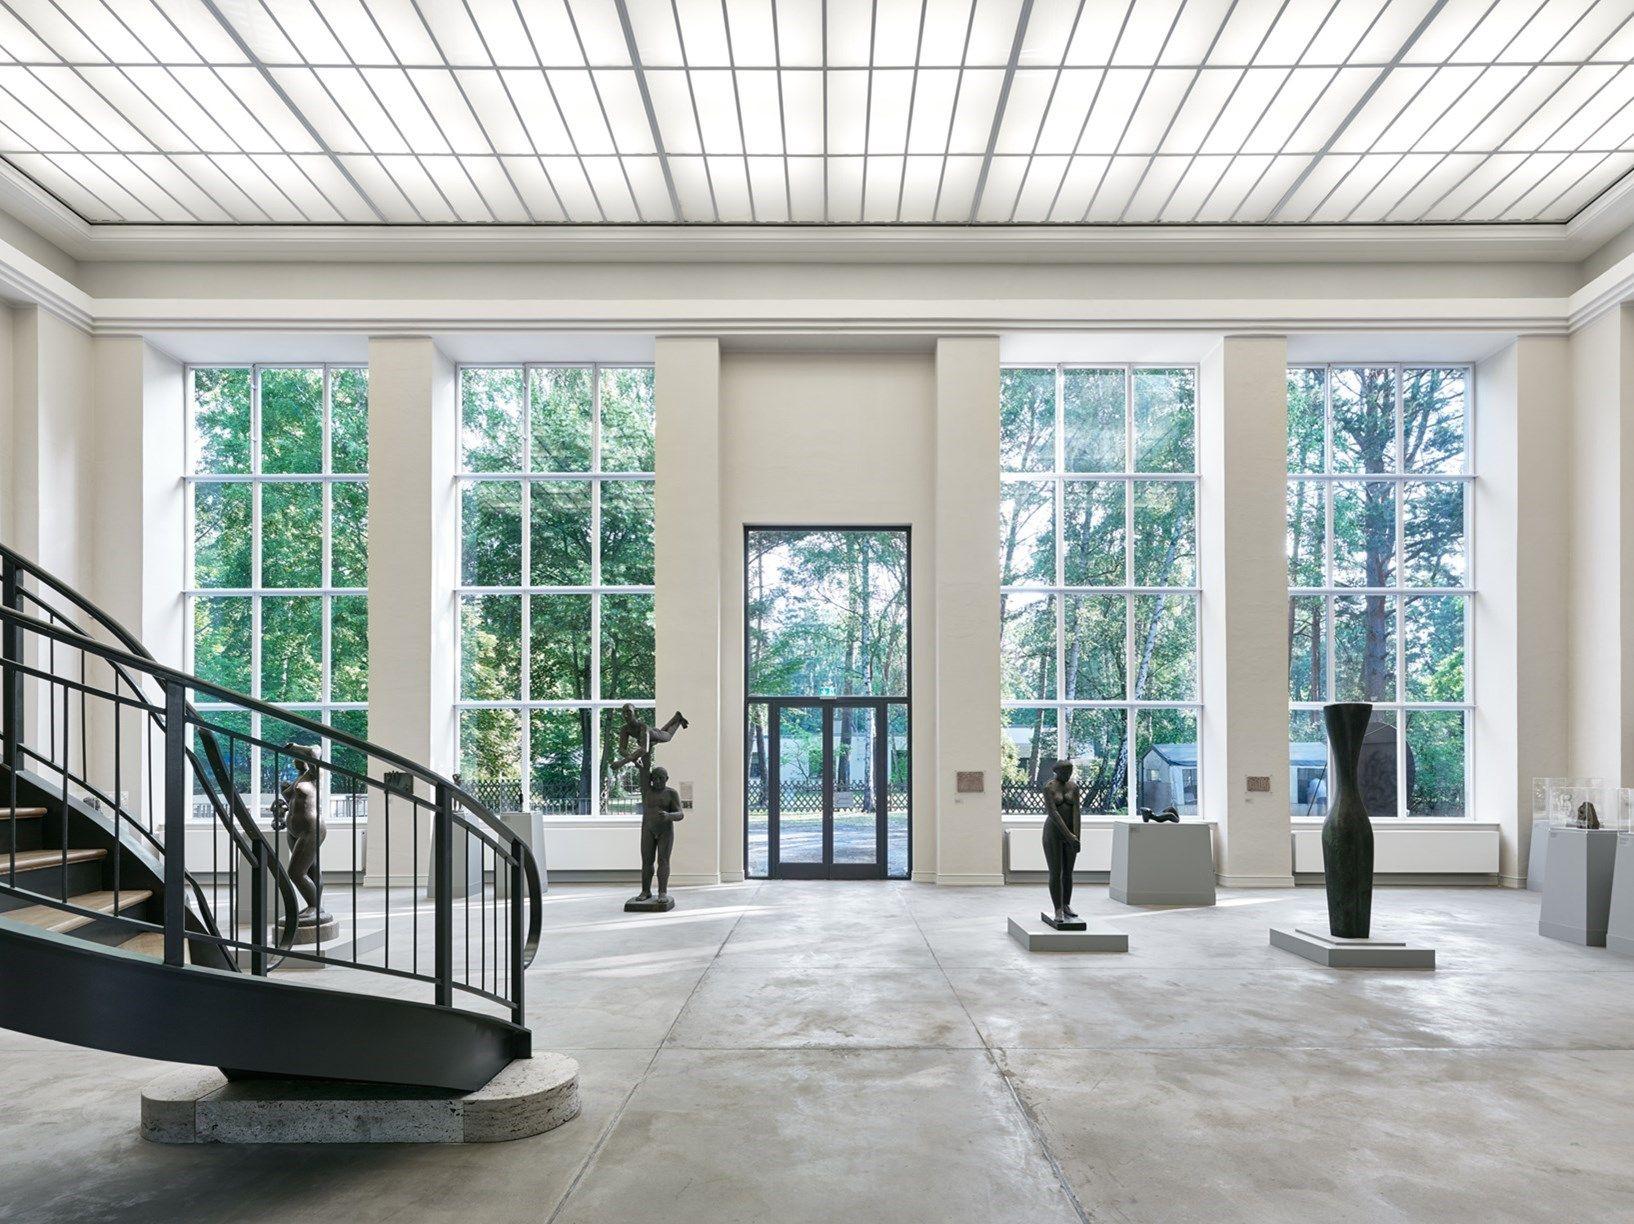 Un atelier anni '30 trasformato in museo d'arte moderna